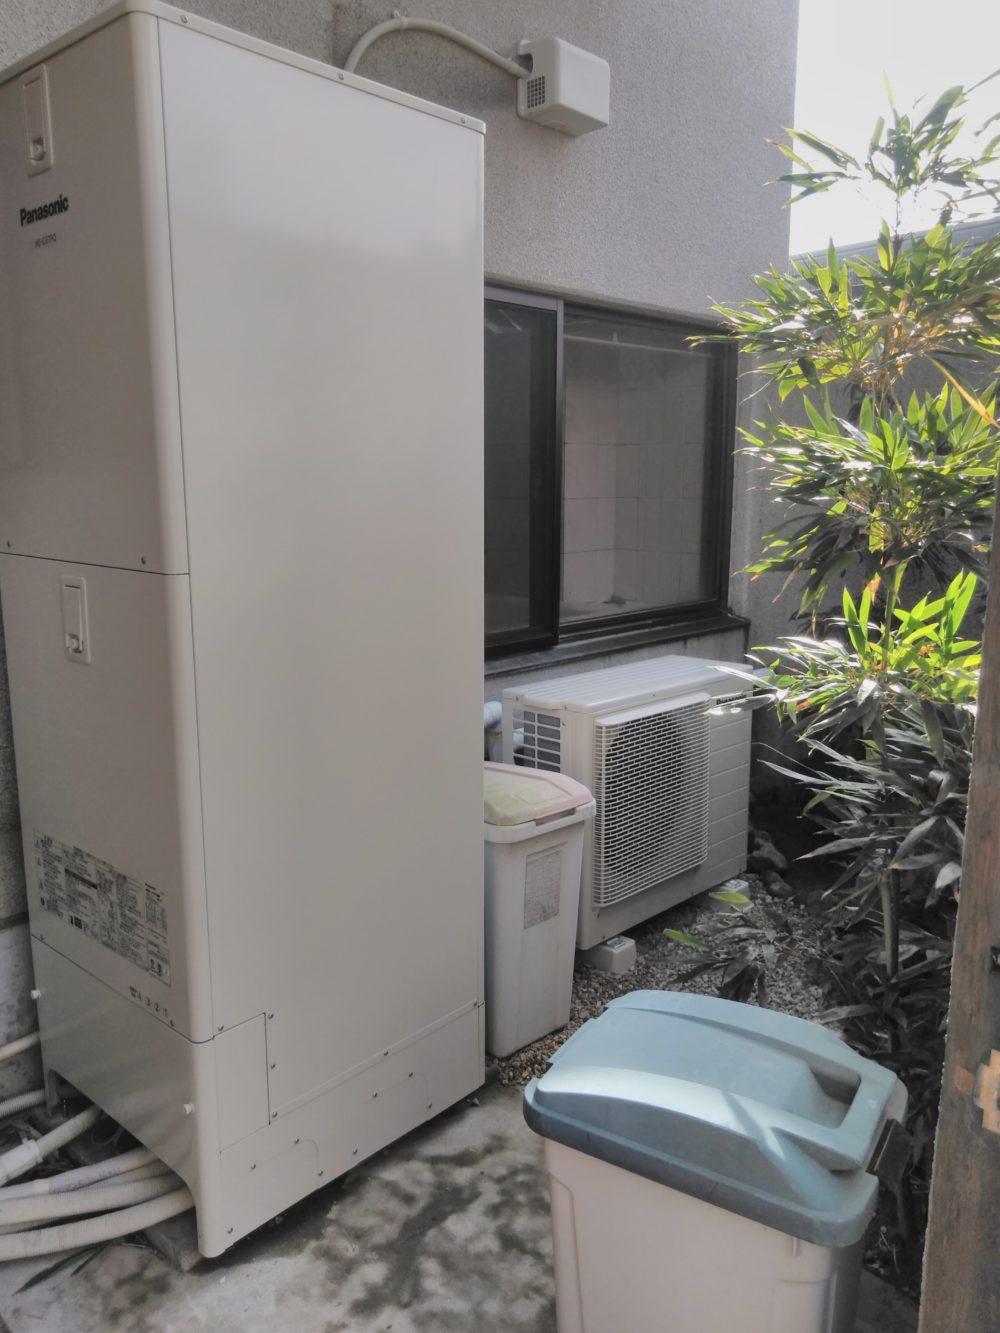 大阪府パナソニックエコキュートHE-NS46JQMS施工後の写真